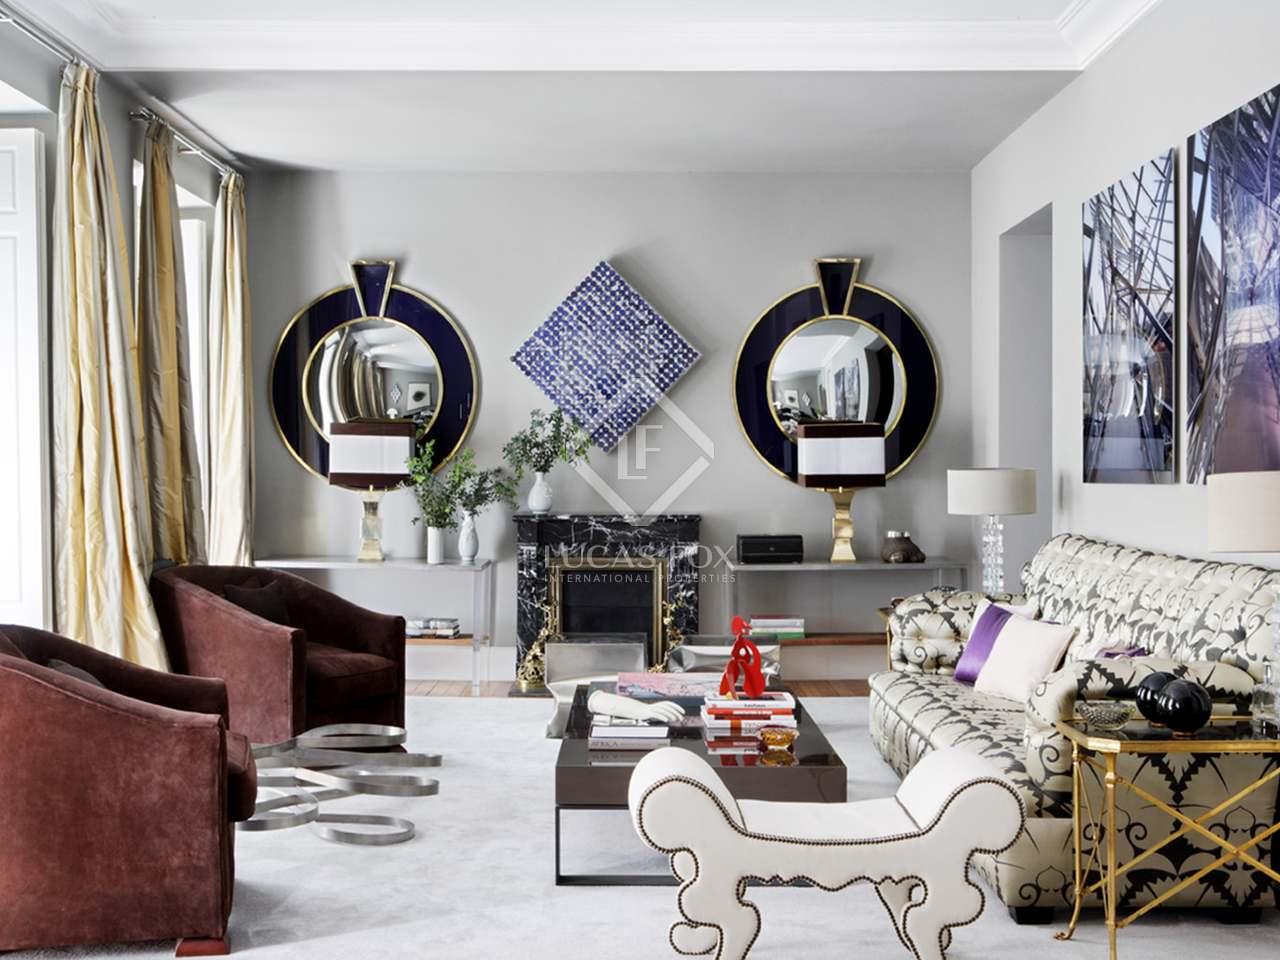 315m wohnung zum verkauf in justicia madrid. Black Bedroom Furniture Sets. Home Design Ideas